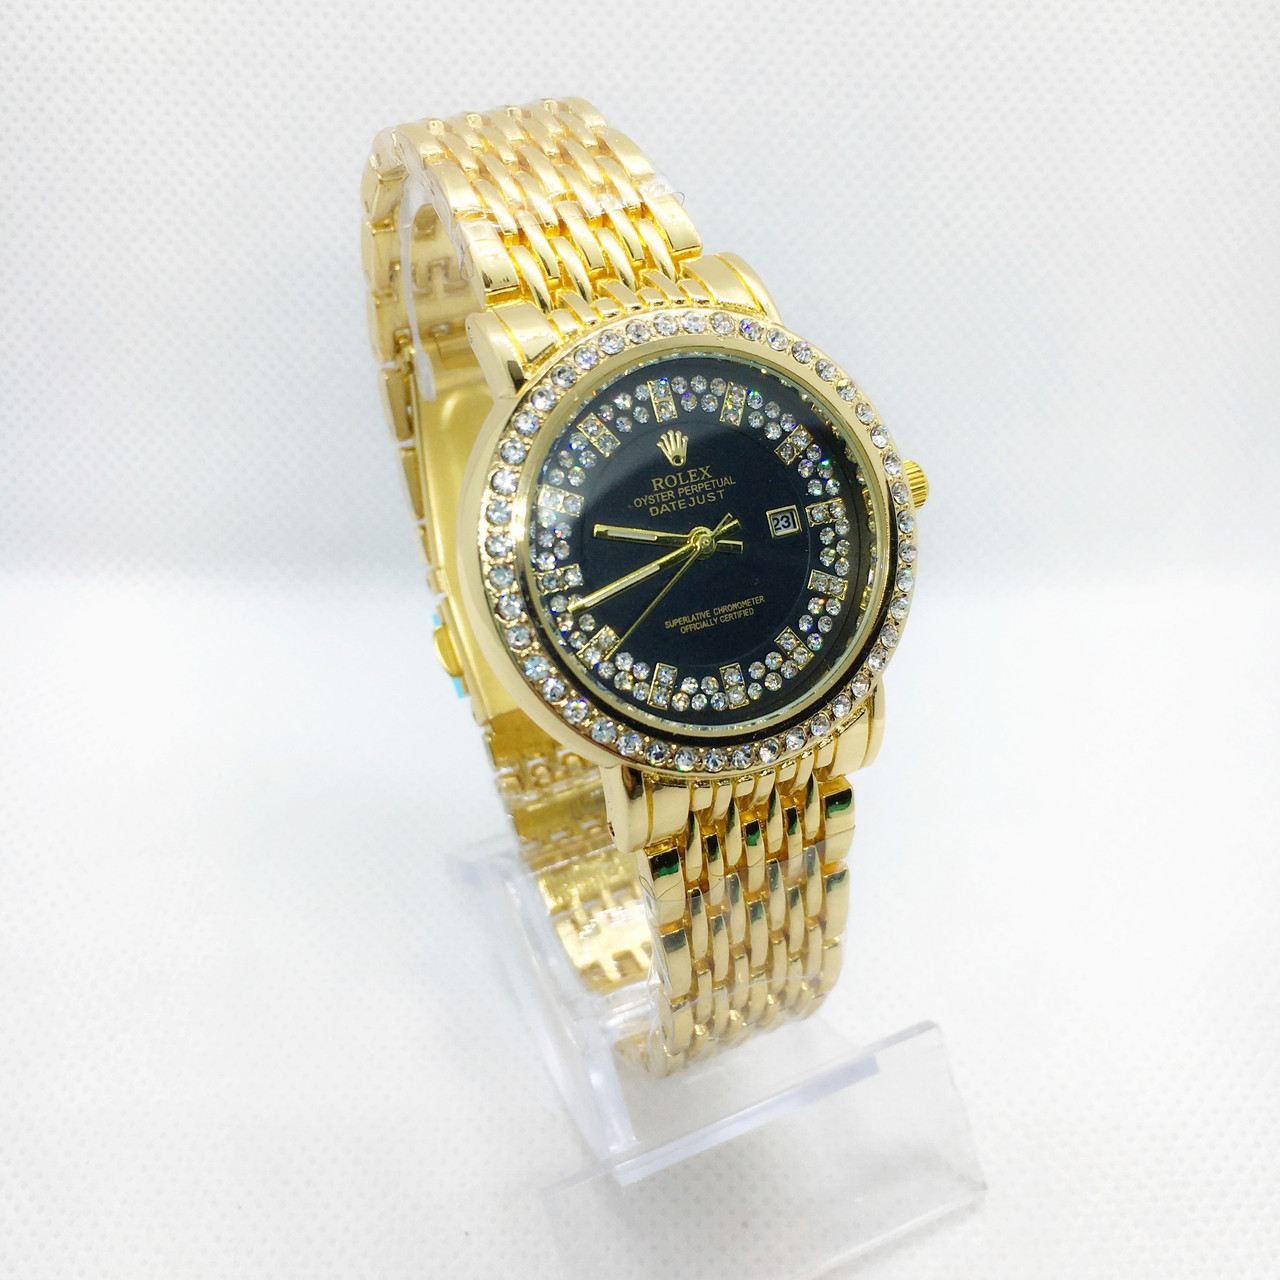 Женские наручные часы Rolex (Ролекс), золото с черным циферблатом